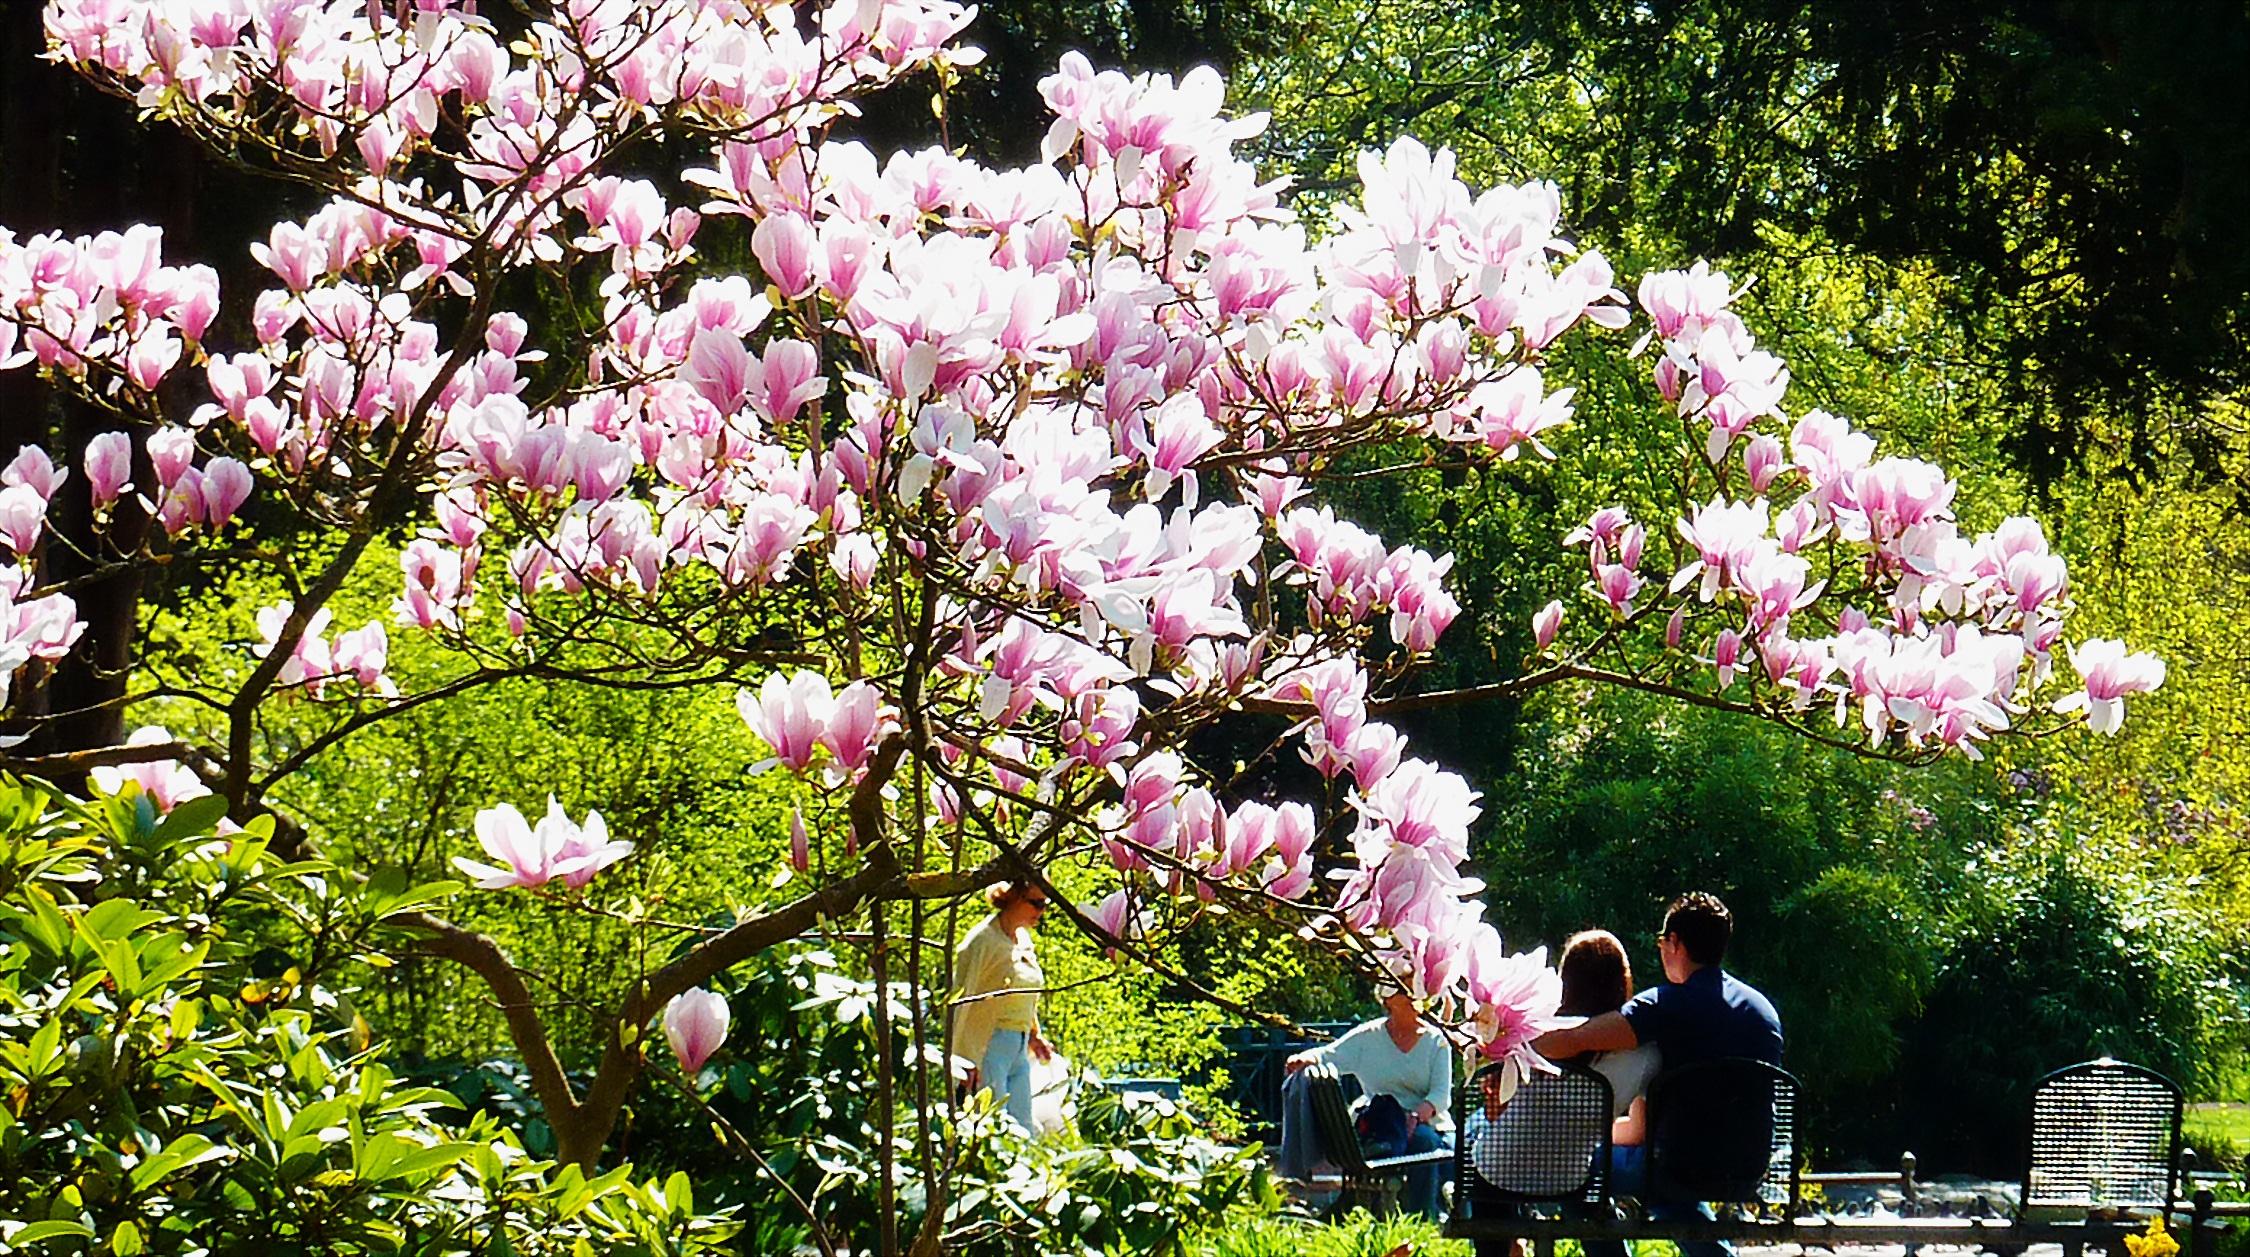 Free Images : flower, spring, color, botany, garden, pink, flora ...